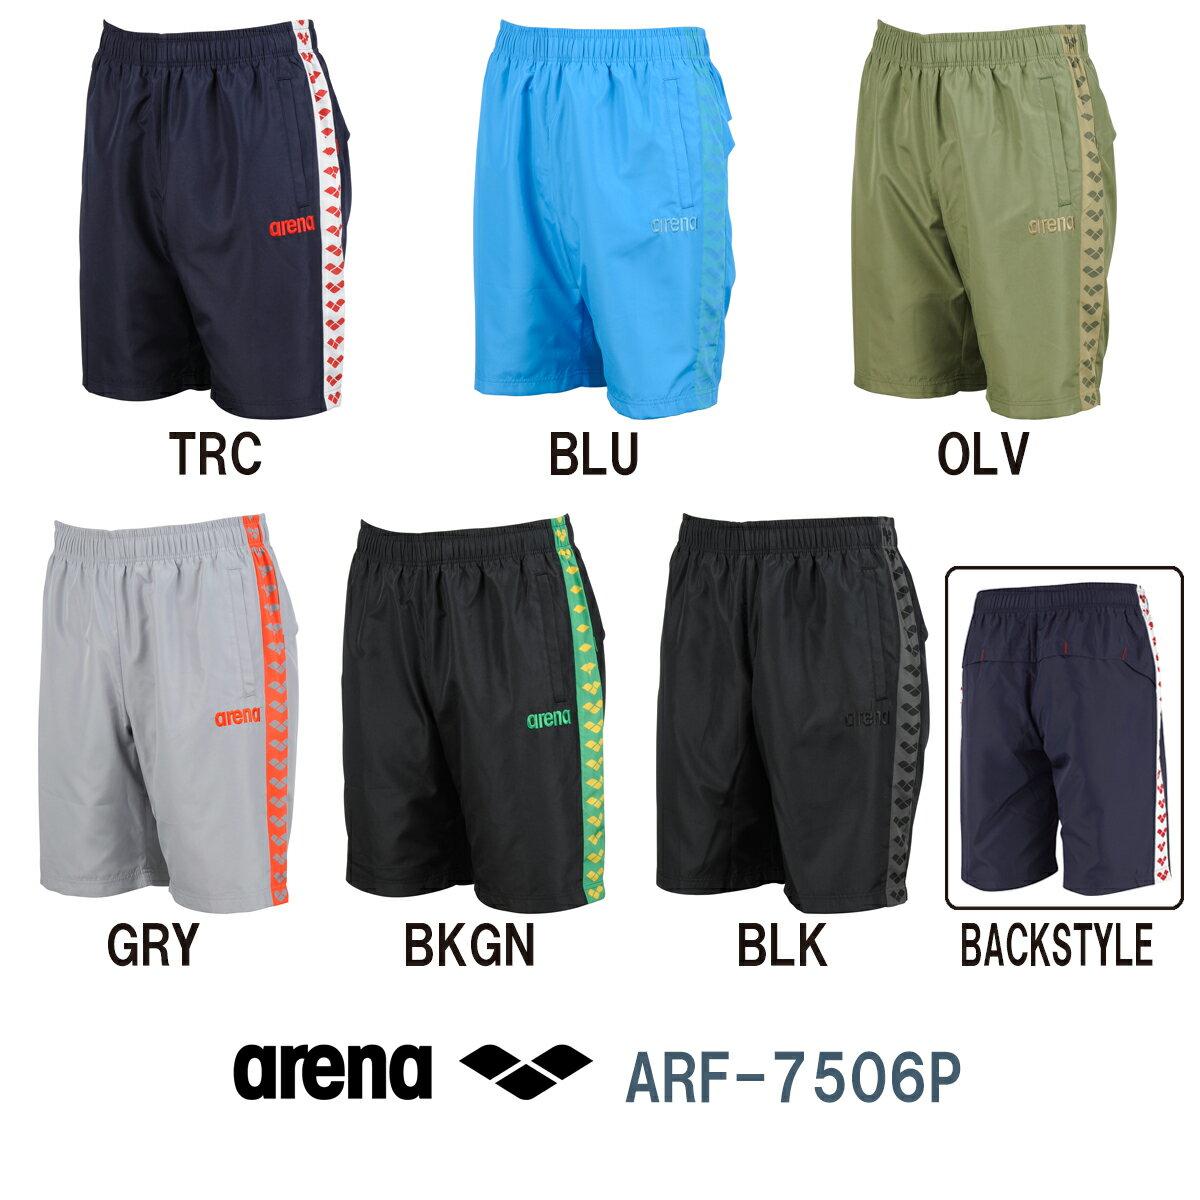 【ARF-7506P】ARENA(アリーナ) チームライン ウィンドハーフパンツ[トレーニングウェア/アパレル/撥水]